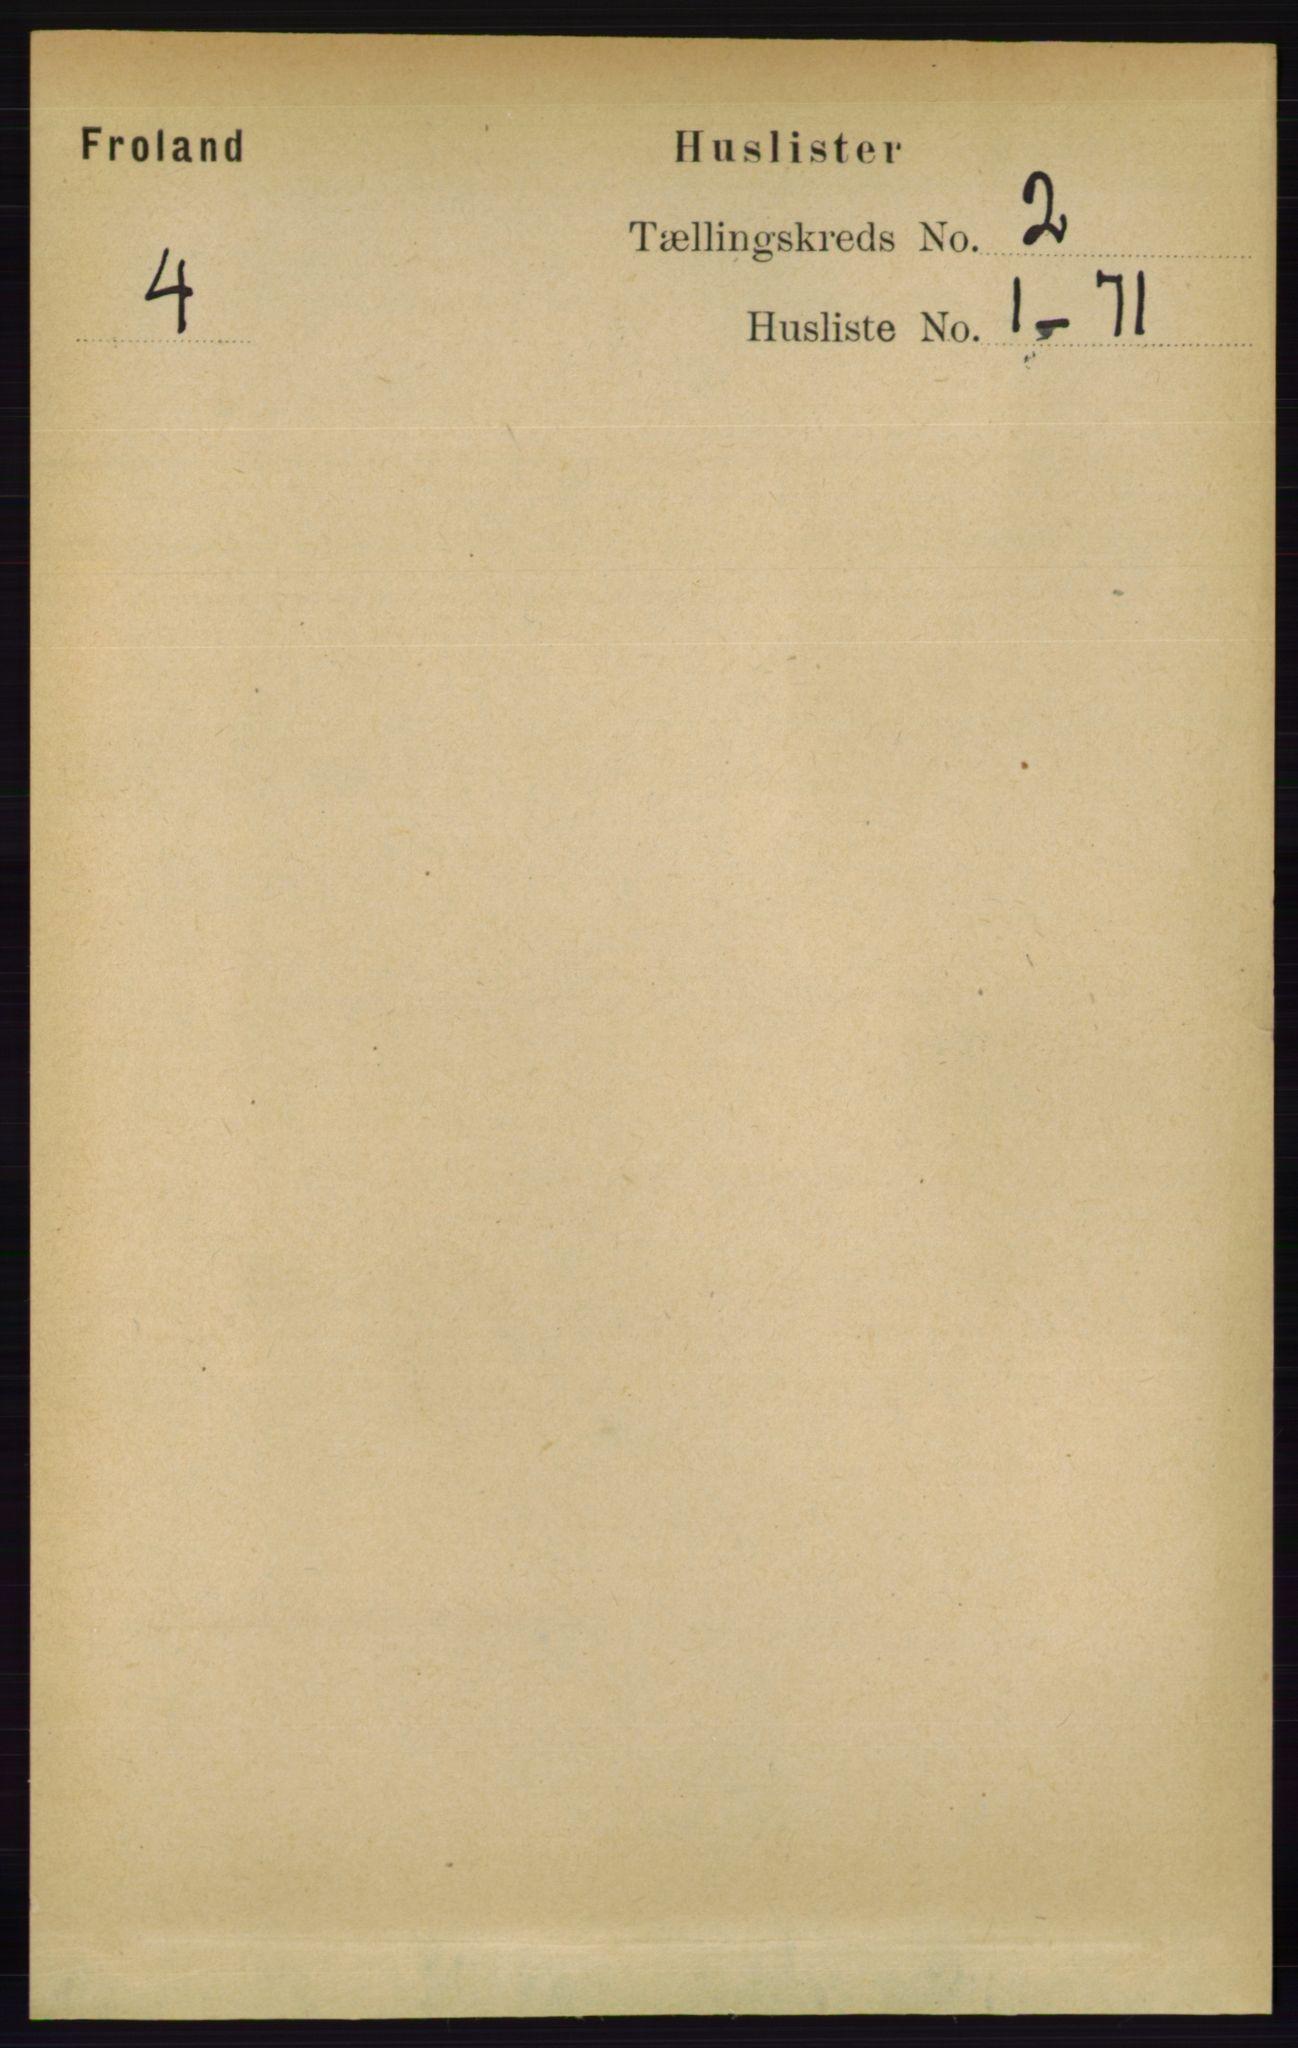 RA, Folketelling 1891 for 0919 Froland herred, 1891, s. 403